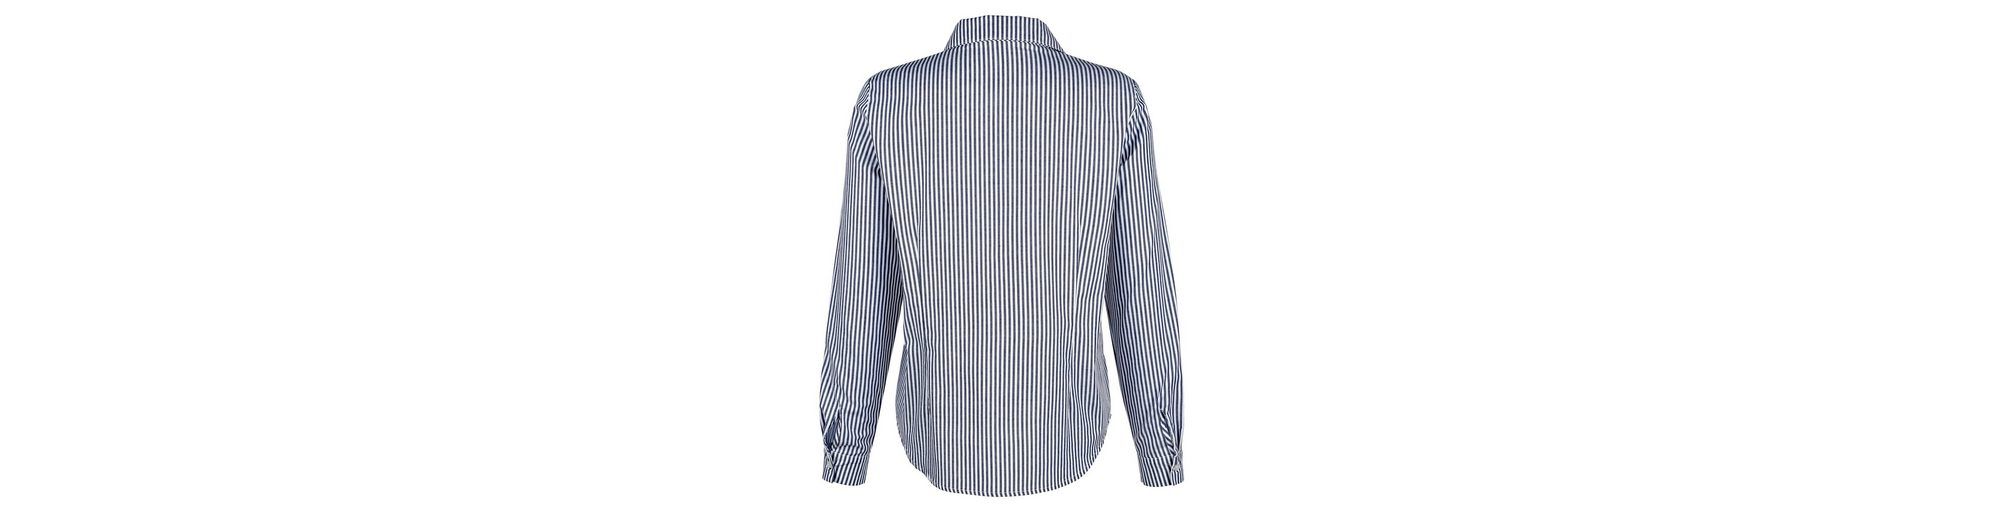 Freies Verschiffen Footaction Verkauf Dress In Bluse im modischen Streifendessin Rabatte Online Große Überraschung Verkauf Online Sonnenschein hZr1jaR